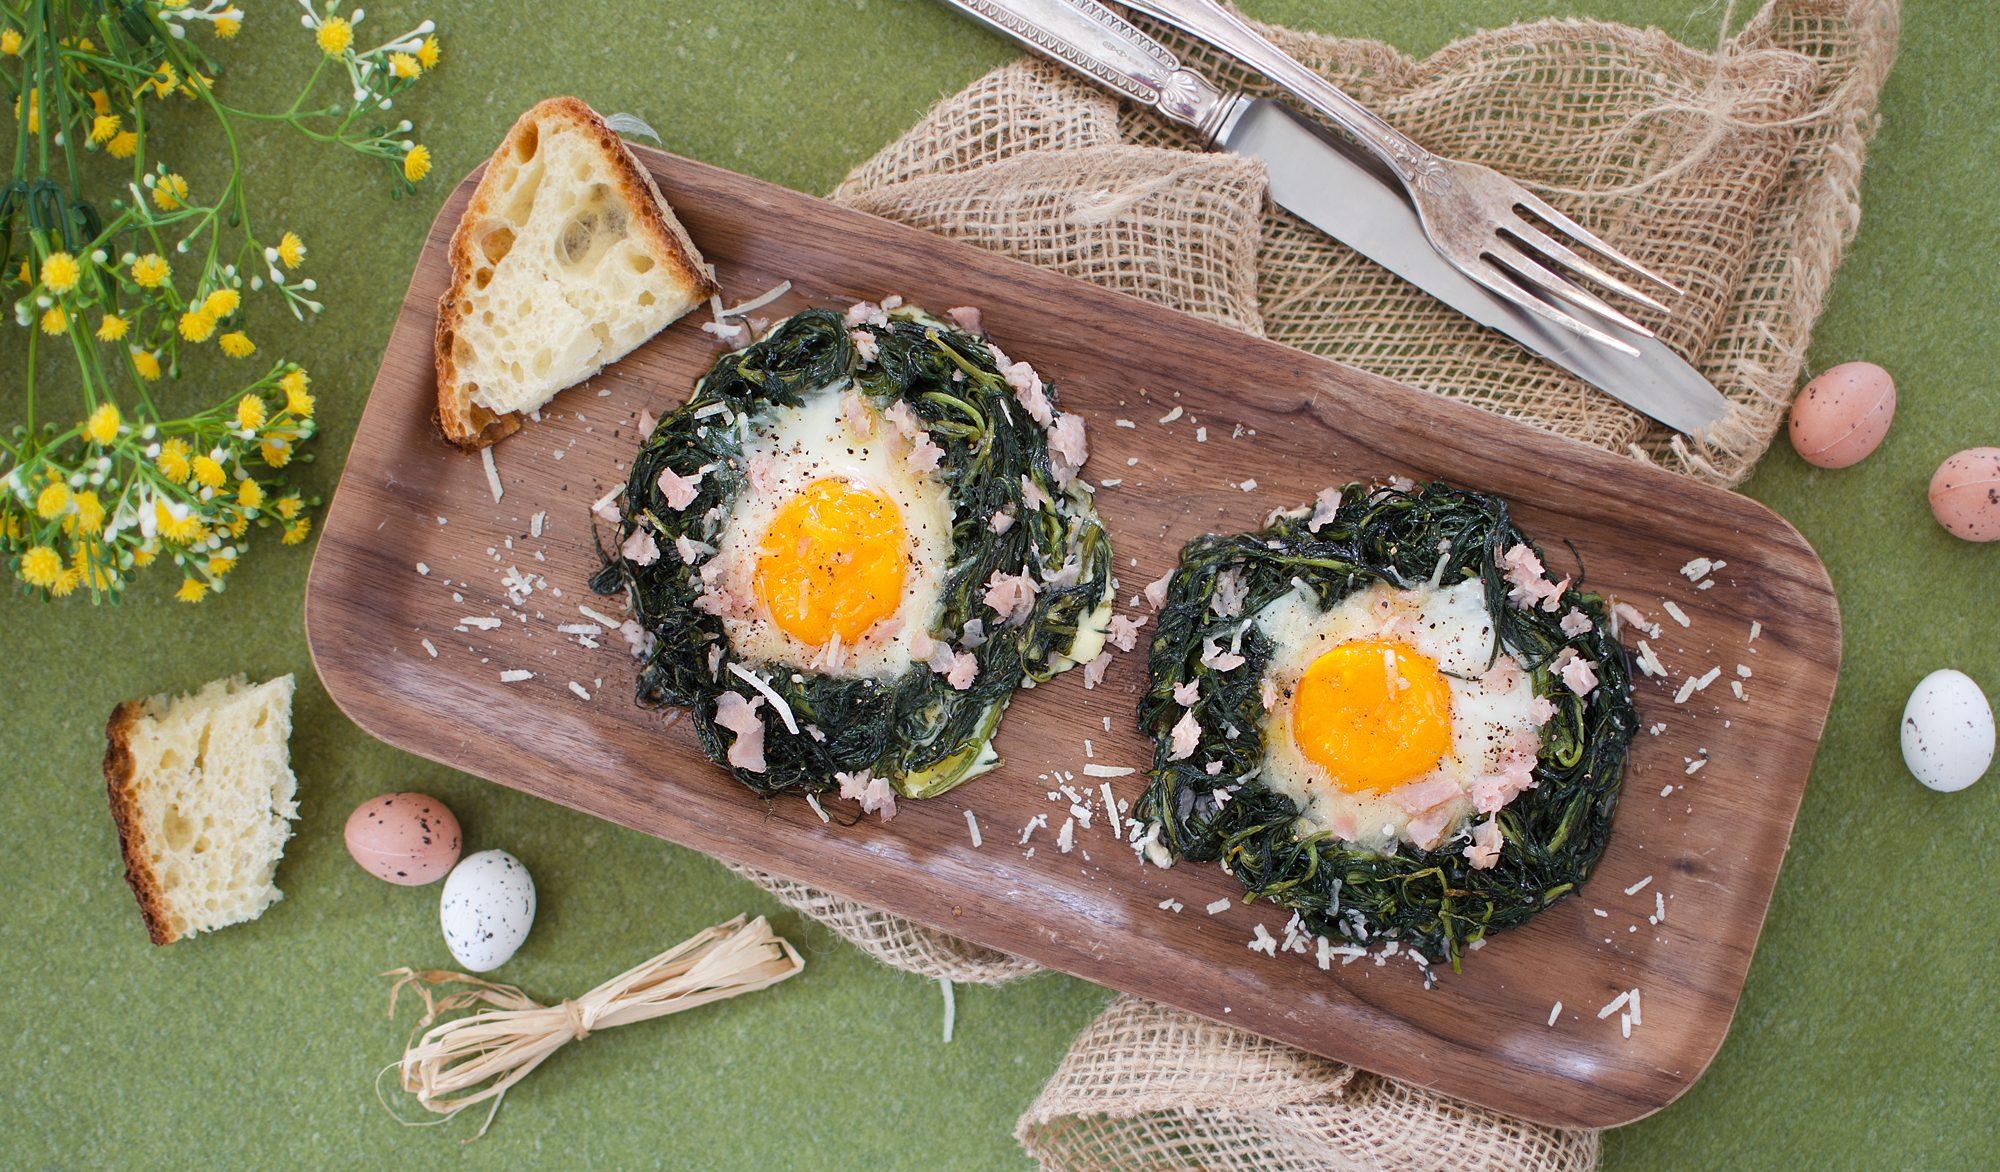 Nidi di agretti con uova: la ricetta sfiziosa per la tavola di Pasqua